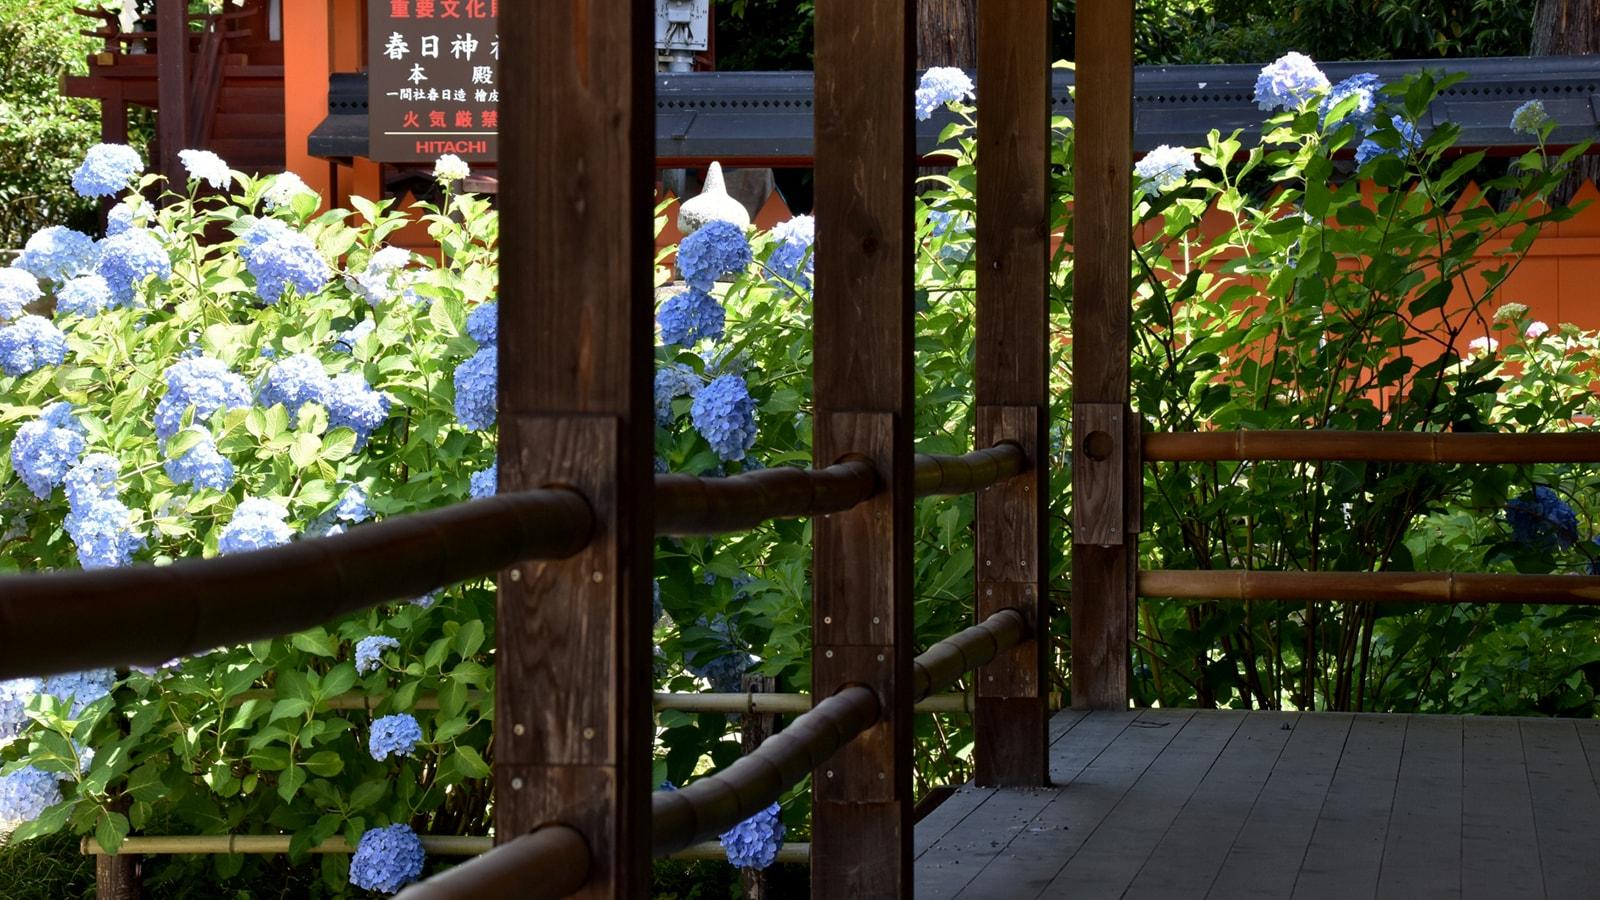 あじさい寺として名高い矢田寺の境内には春日神社もある - -奈良県大和郡山市にある観光、撮影スポット- -